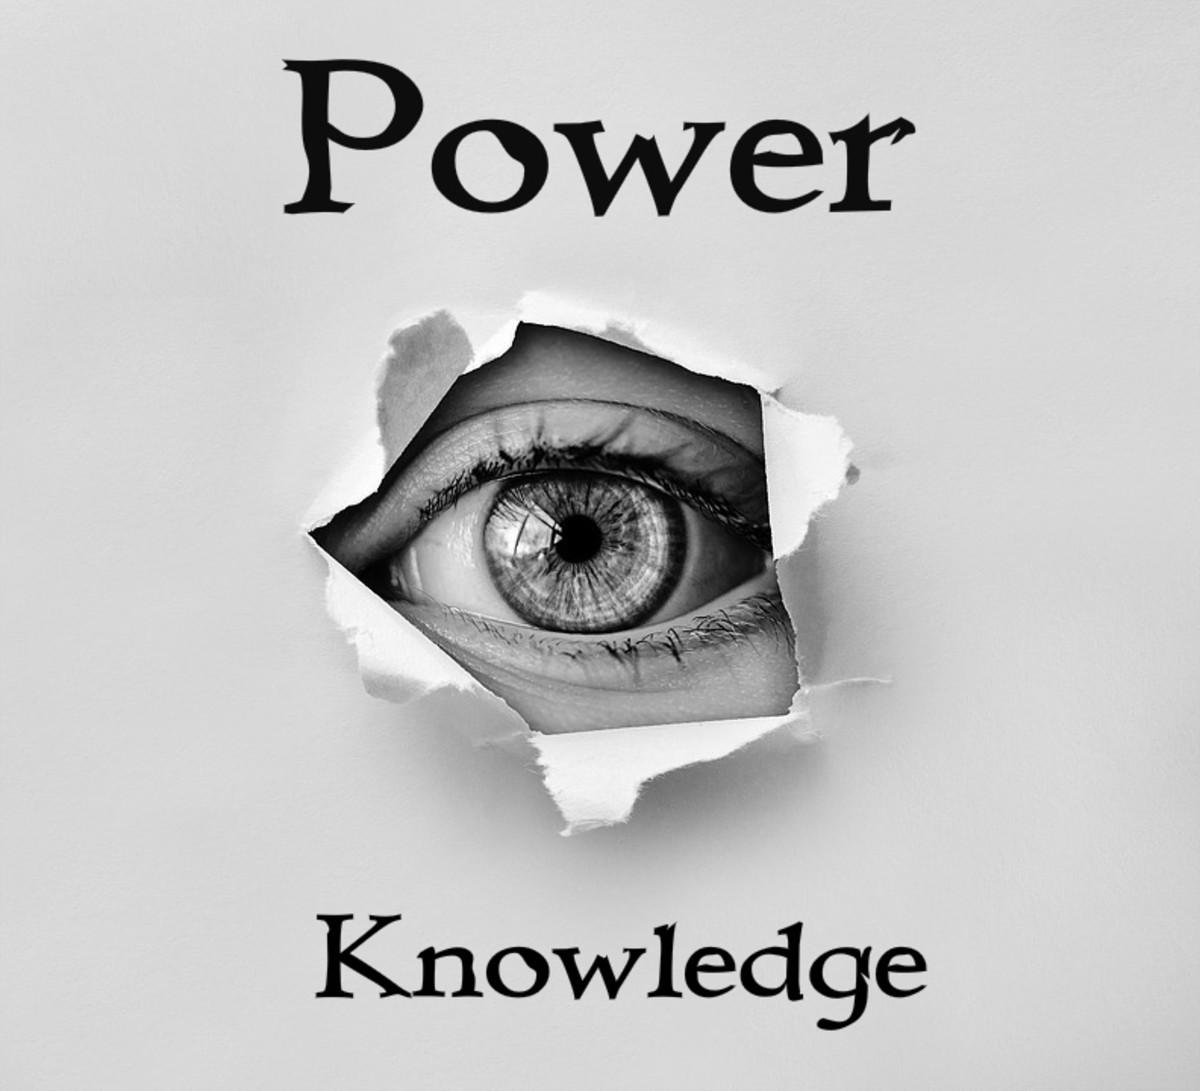 foucault-power-knowledge